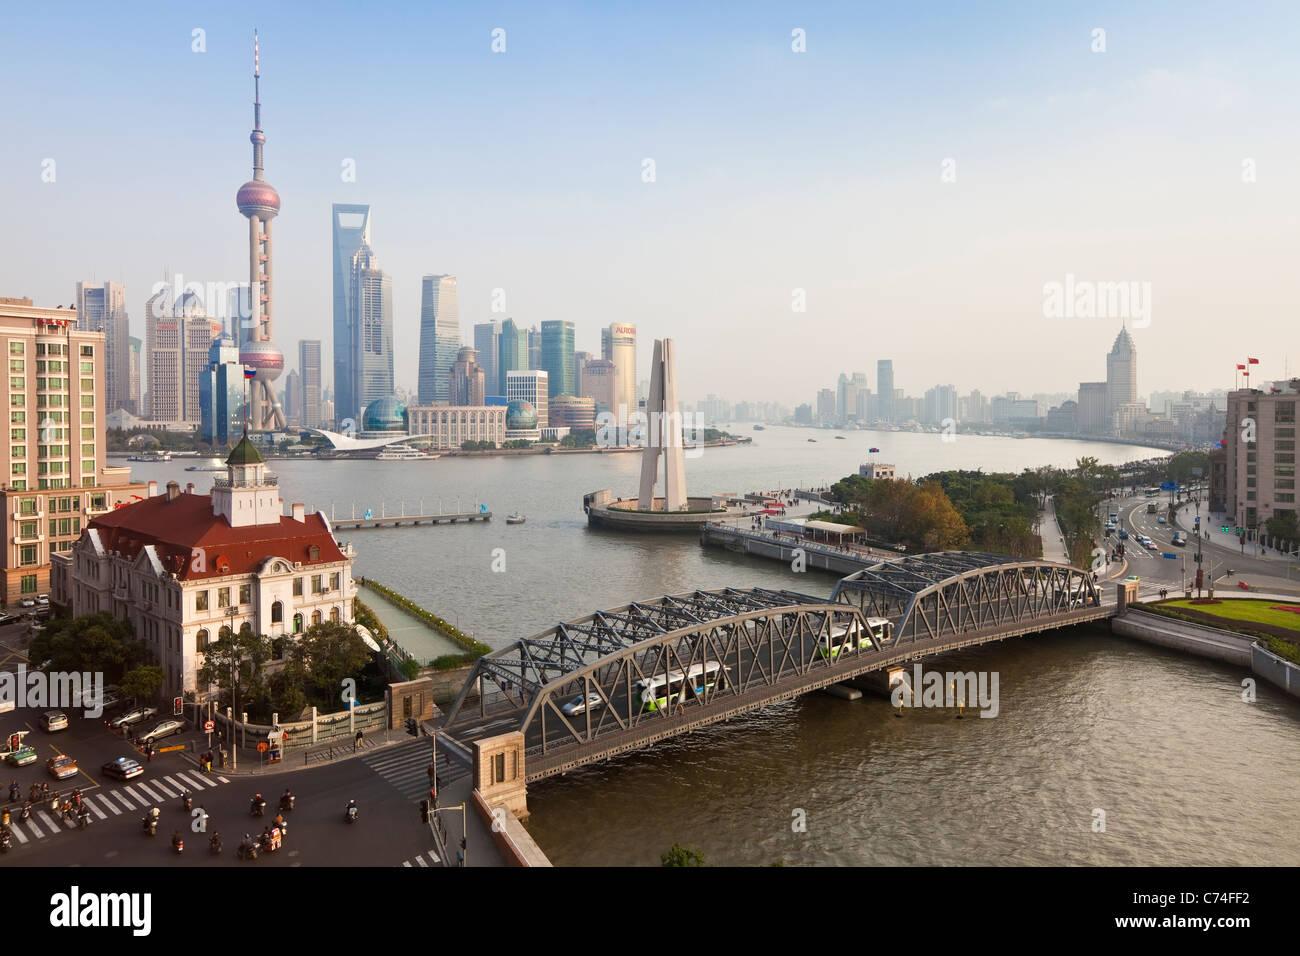 Nouvelle skyline Pudong pont Waibaidu (jardin) à la recherche de l'autre côté de la rivière Photo Stock